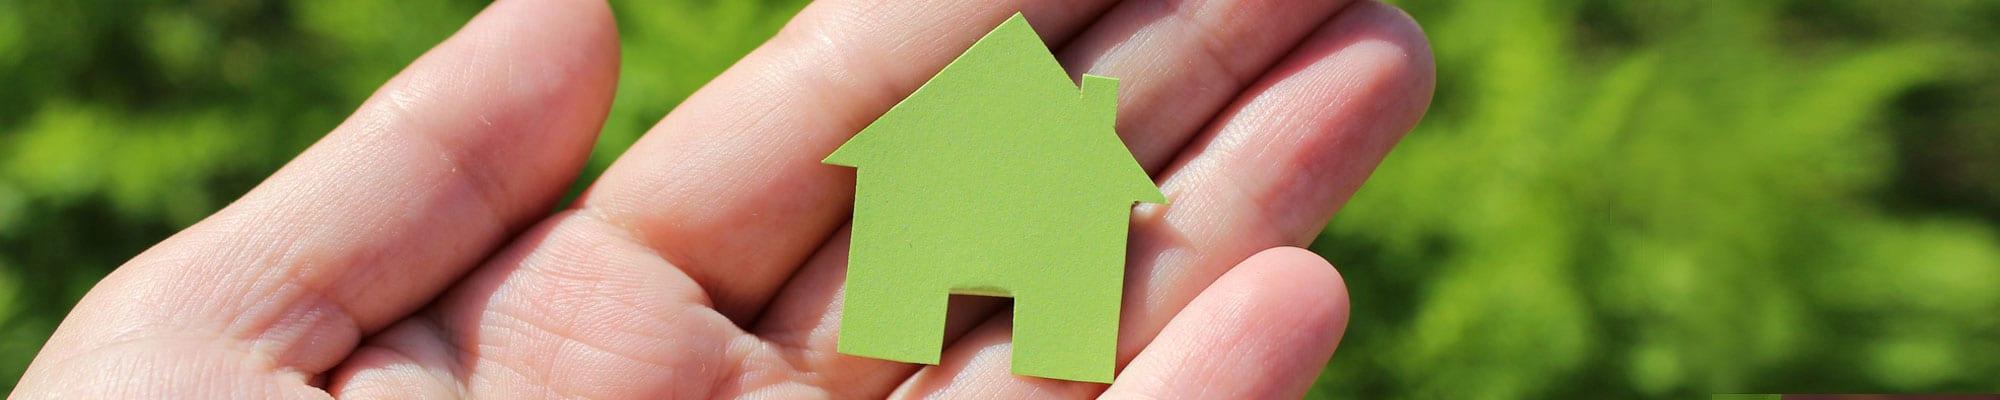 Construcción sostenible alrededor de la economía verde